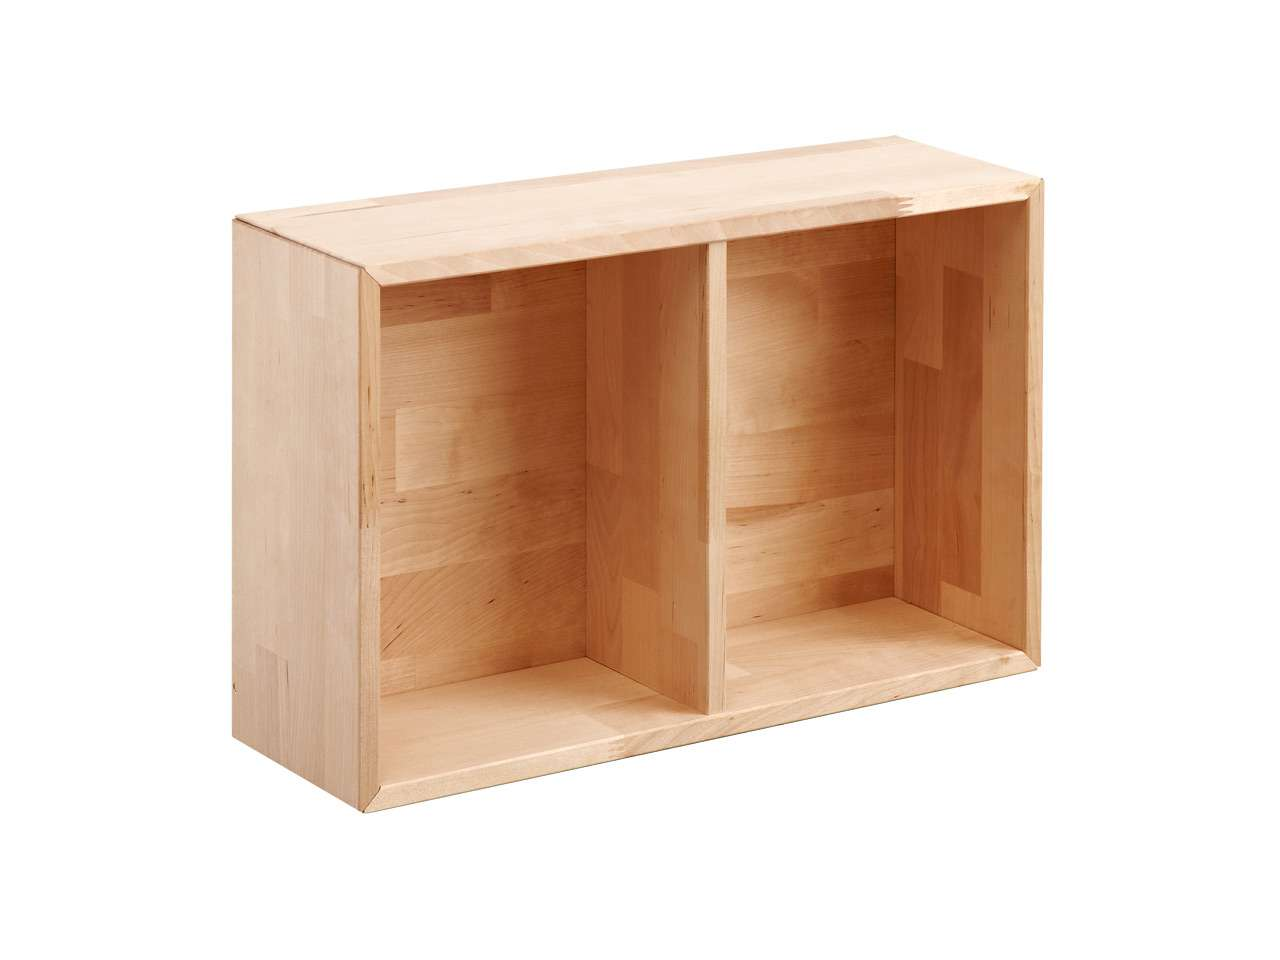 Full Size of Lifetime Kiste Regal Fr Wickelkommode Cd Regale Roller Kisten Tisch Kombination 30 Cm Breit Weiß Hochglanz Schlafzimmer Für Dachschräge Beistellregal Küche Regal Kisten Regal